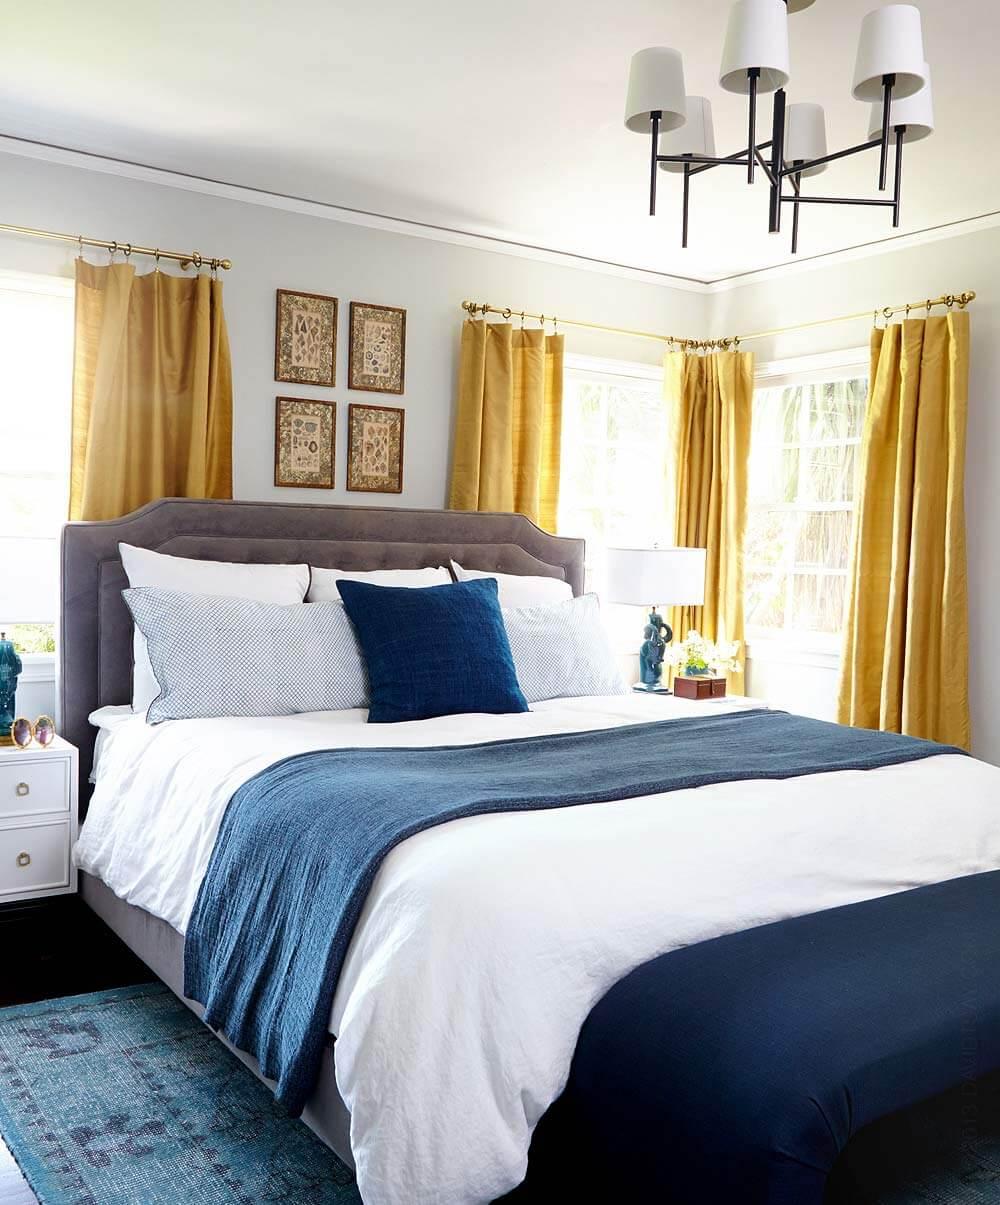 Master bedroom headboards